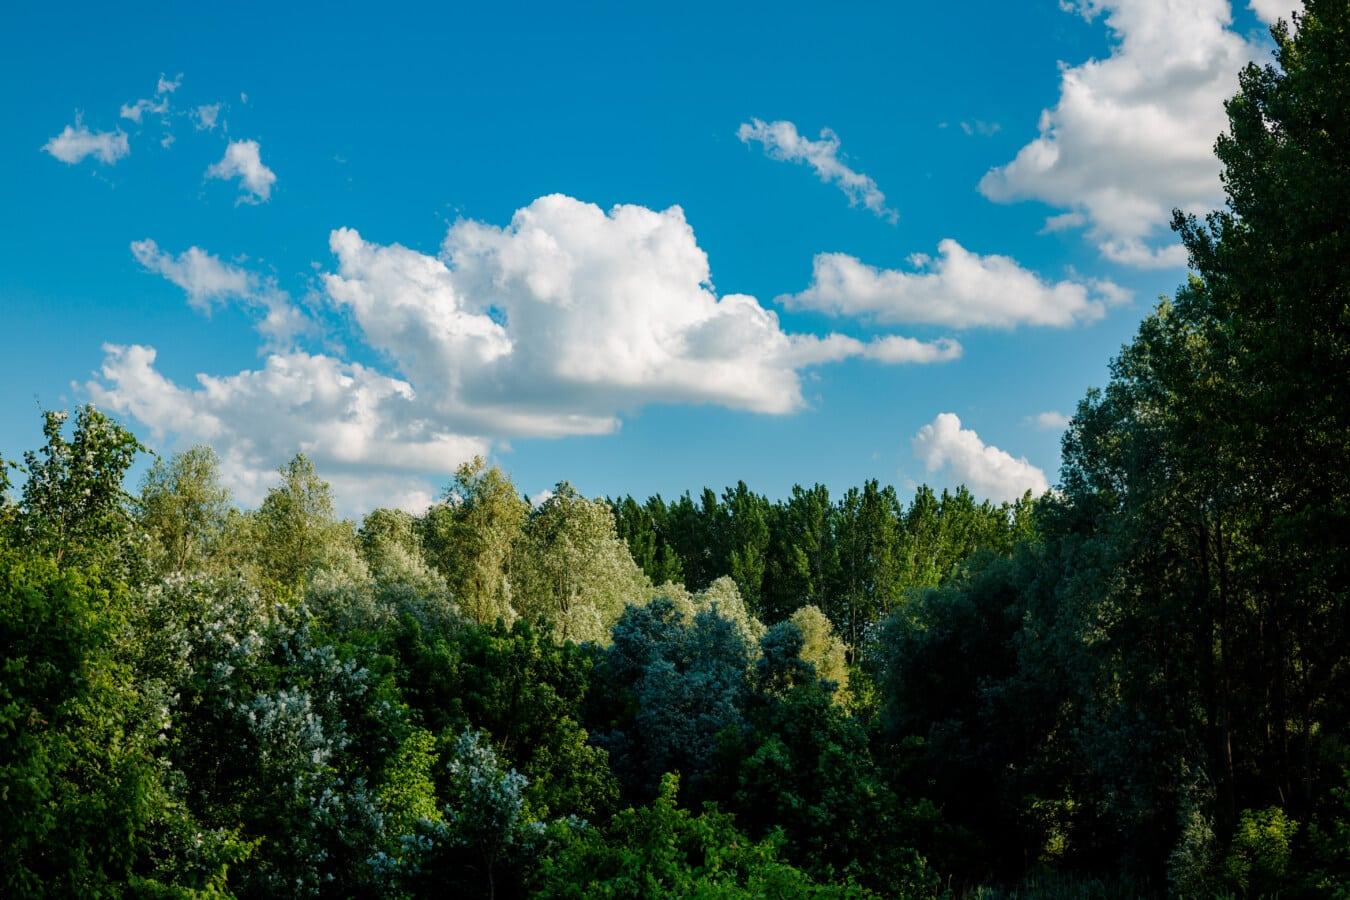 peuplier, forêt, ombre, ciel bleu, atmosphère, paysage, bois, arbre, nature, été